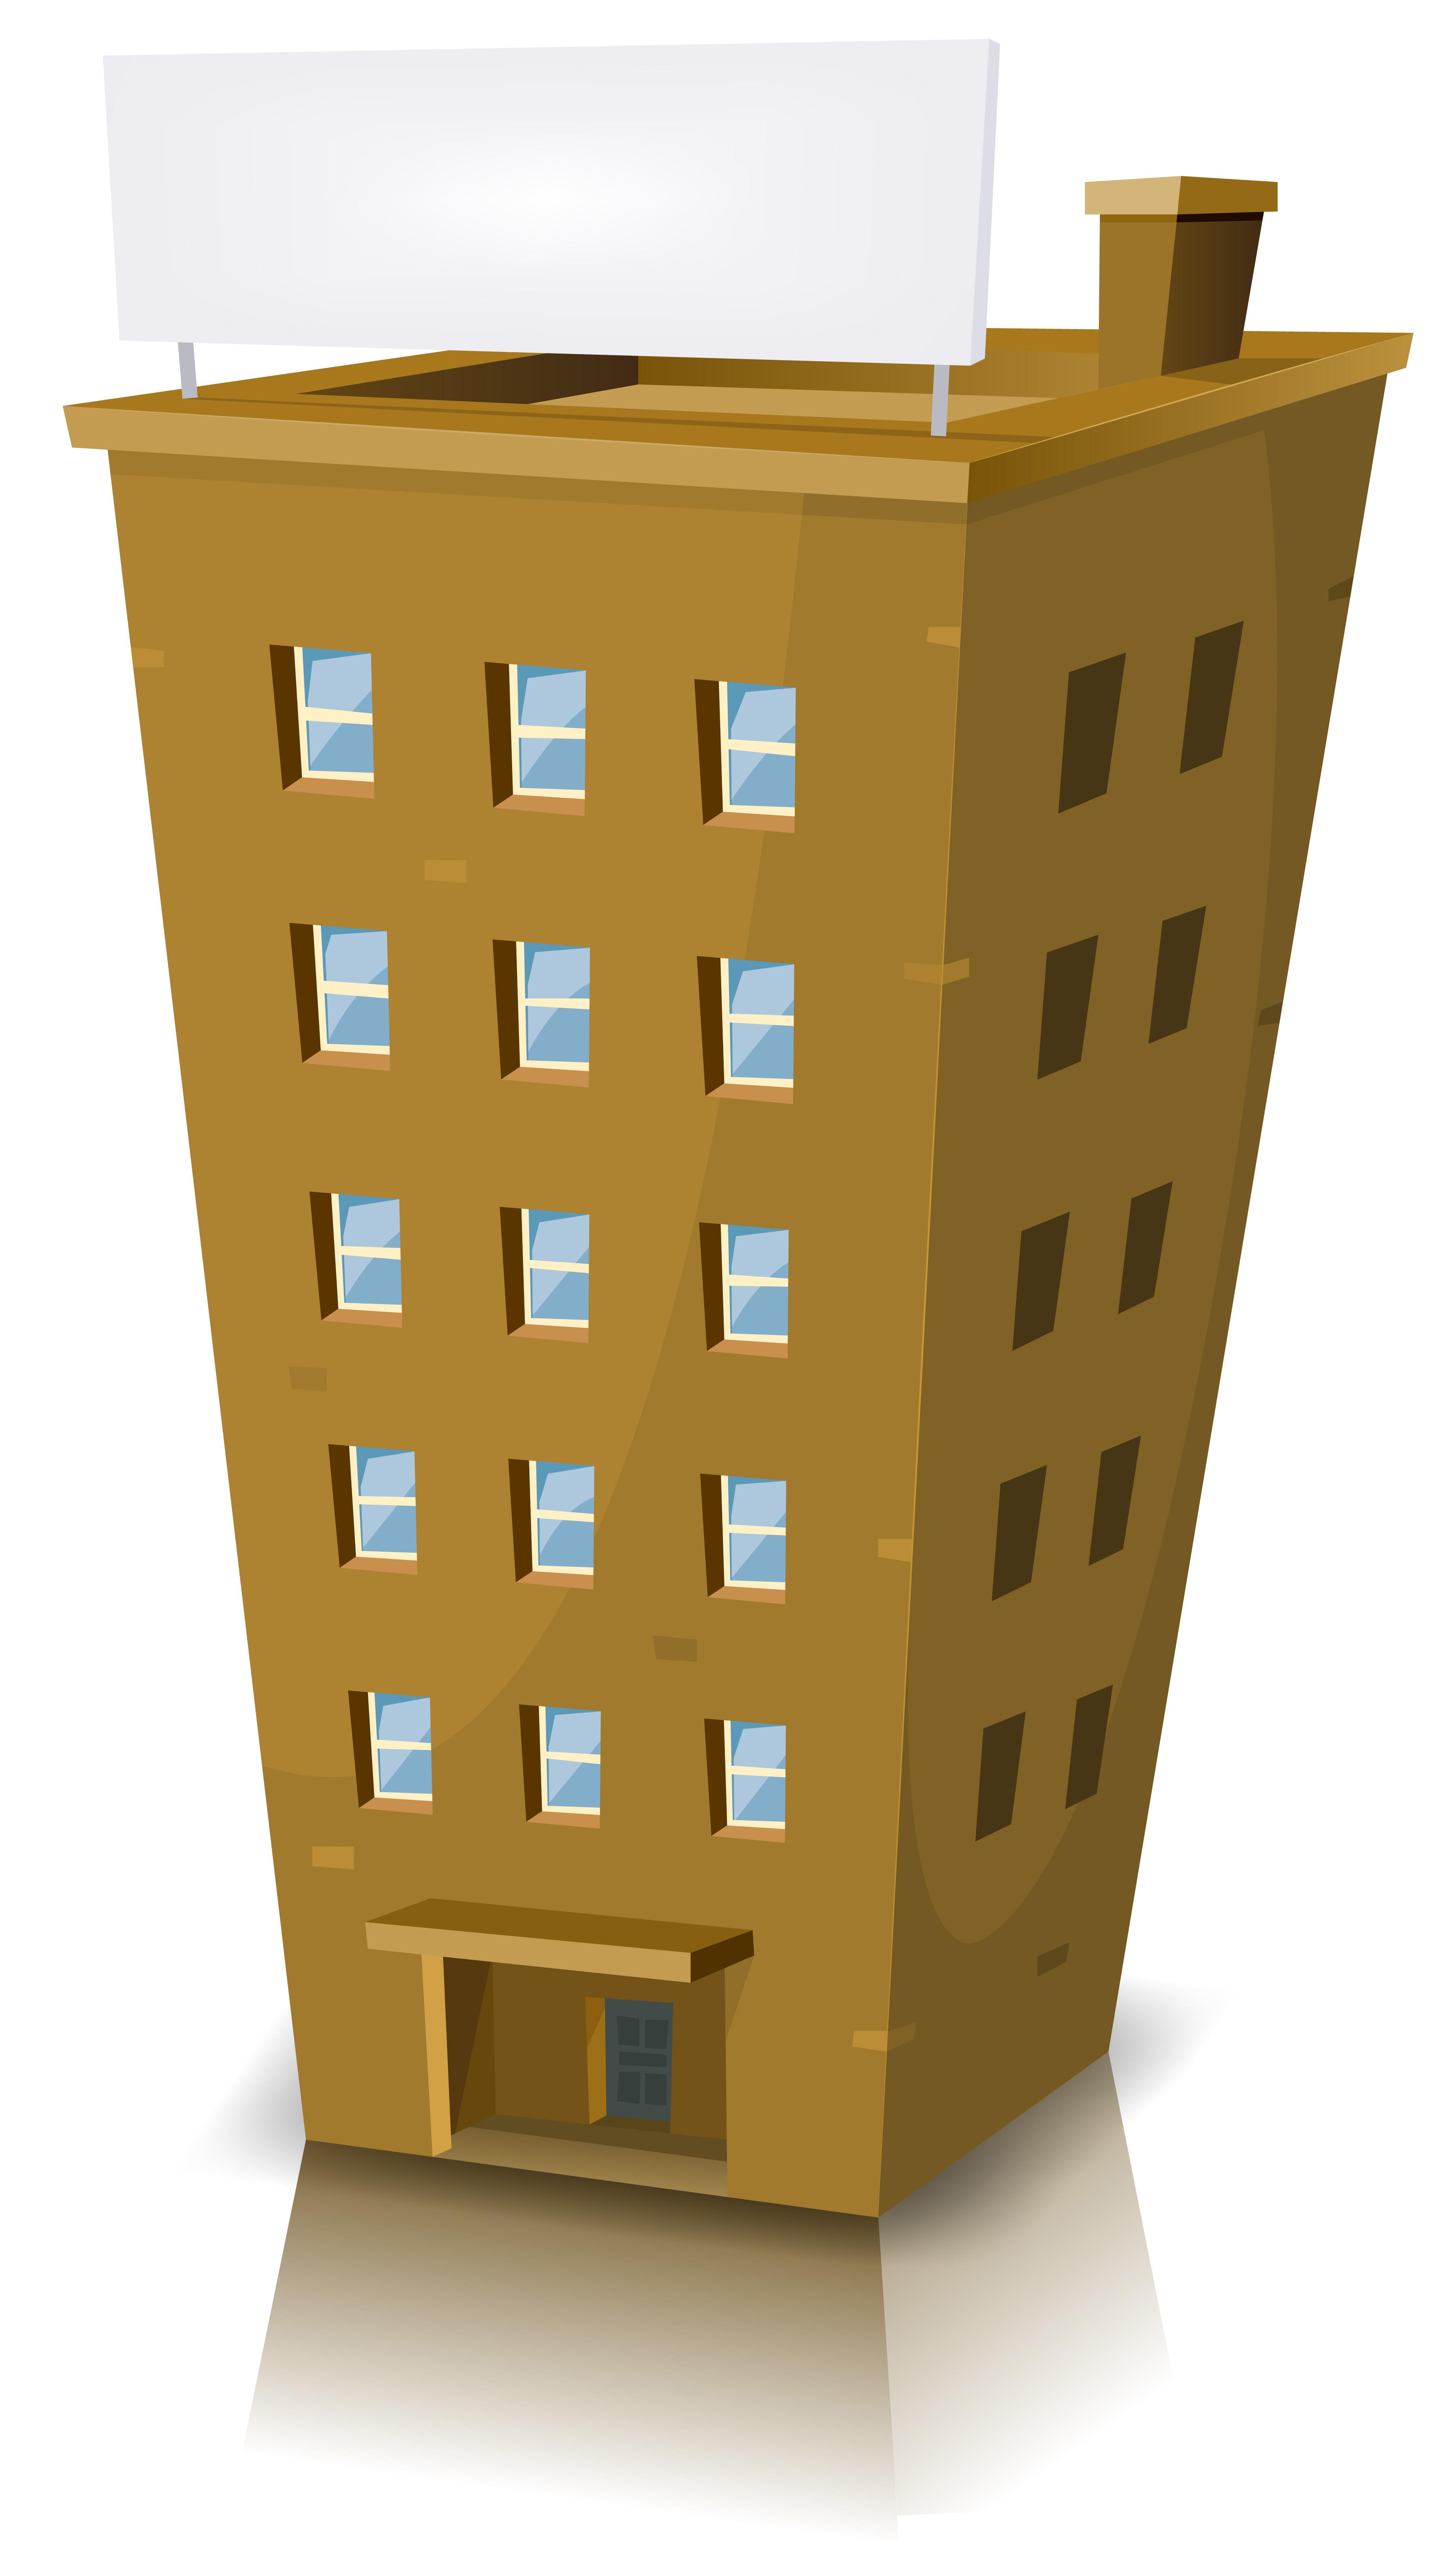 Bâtiment résidentiel de dessin animé - Téléchargez de l ...